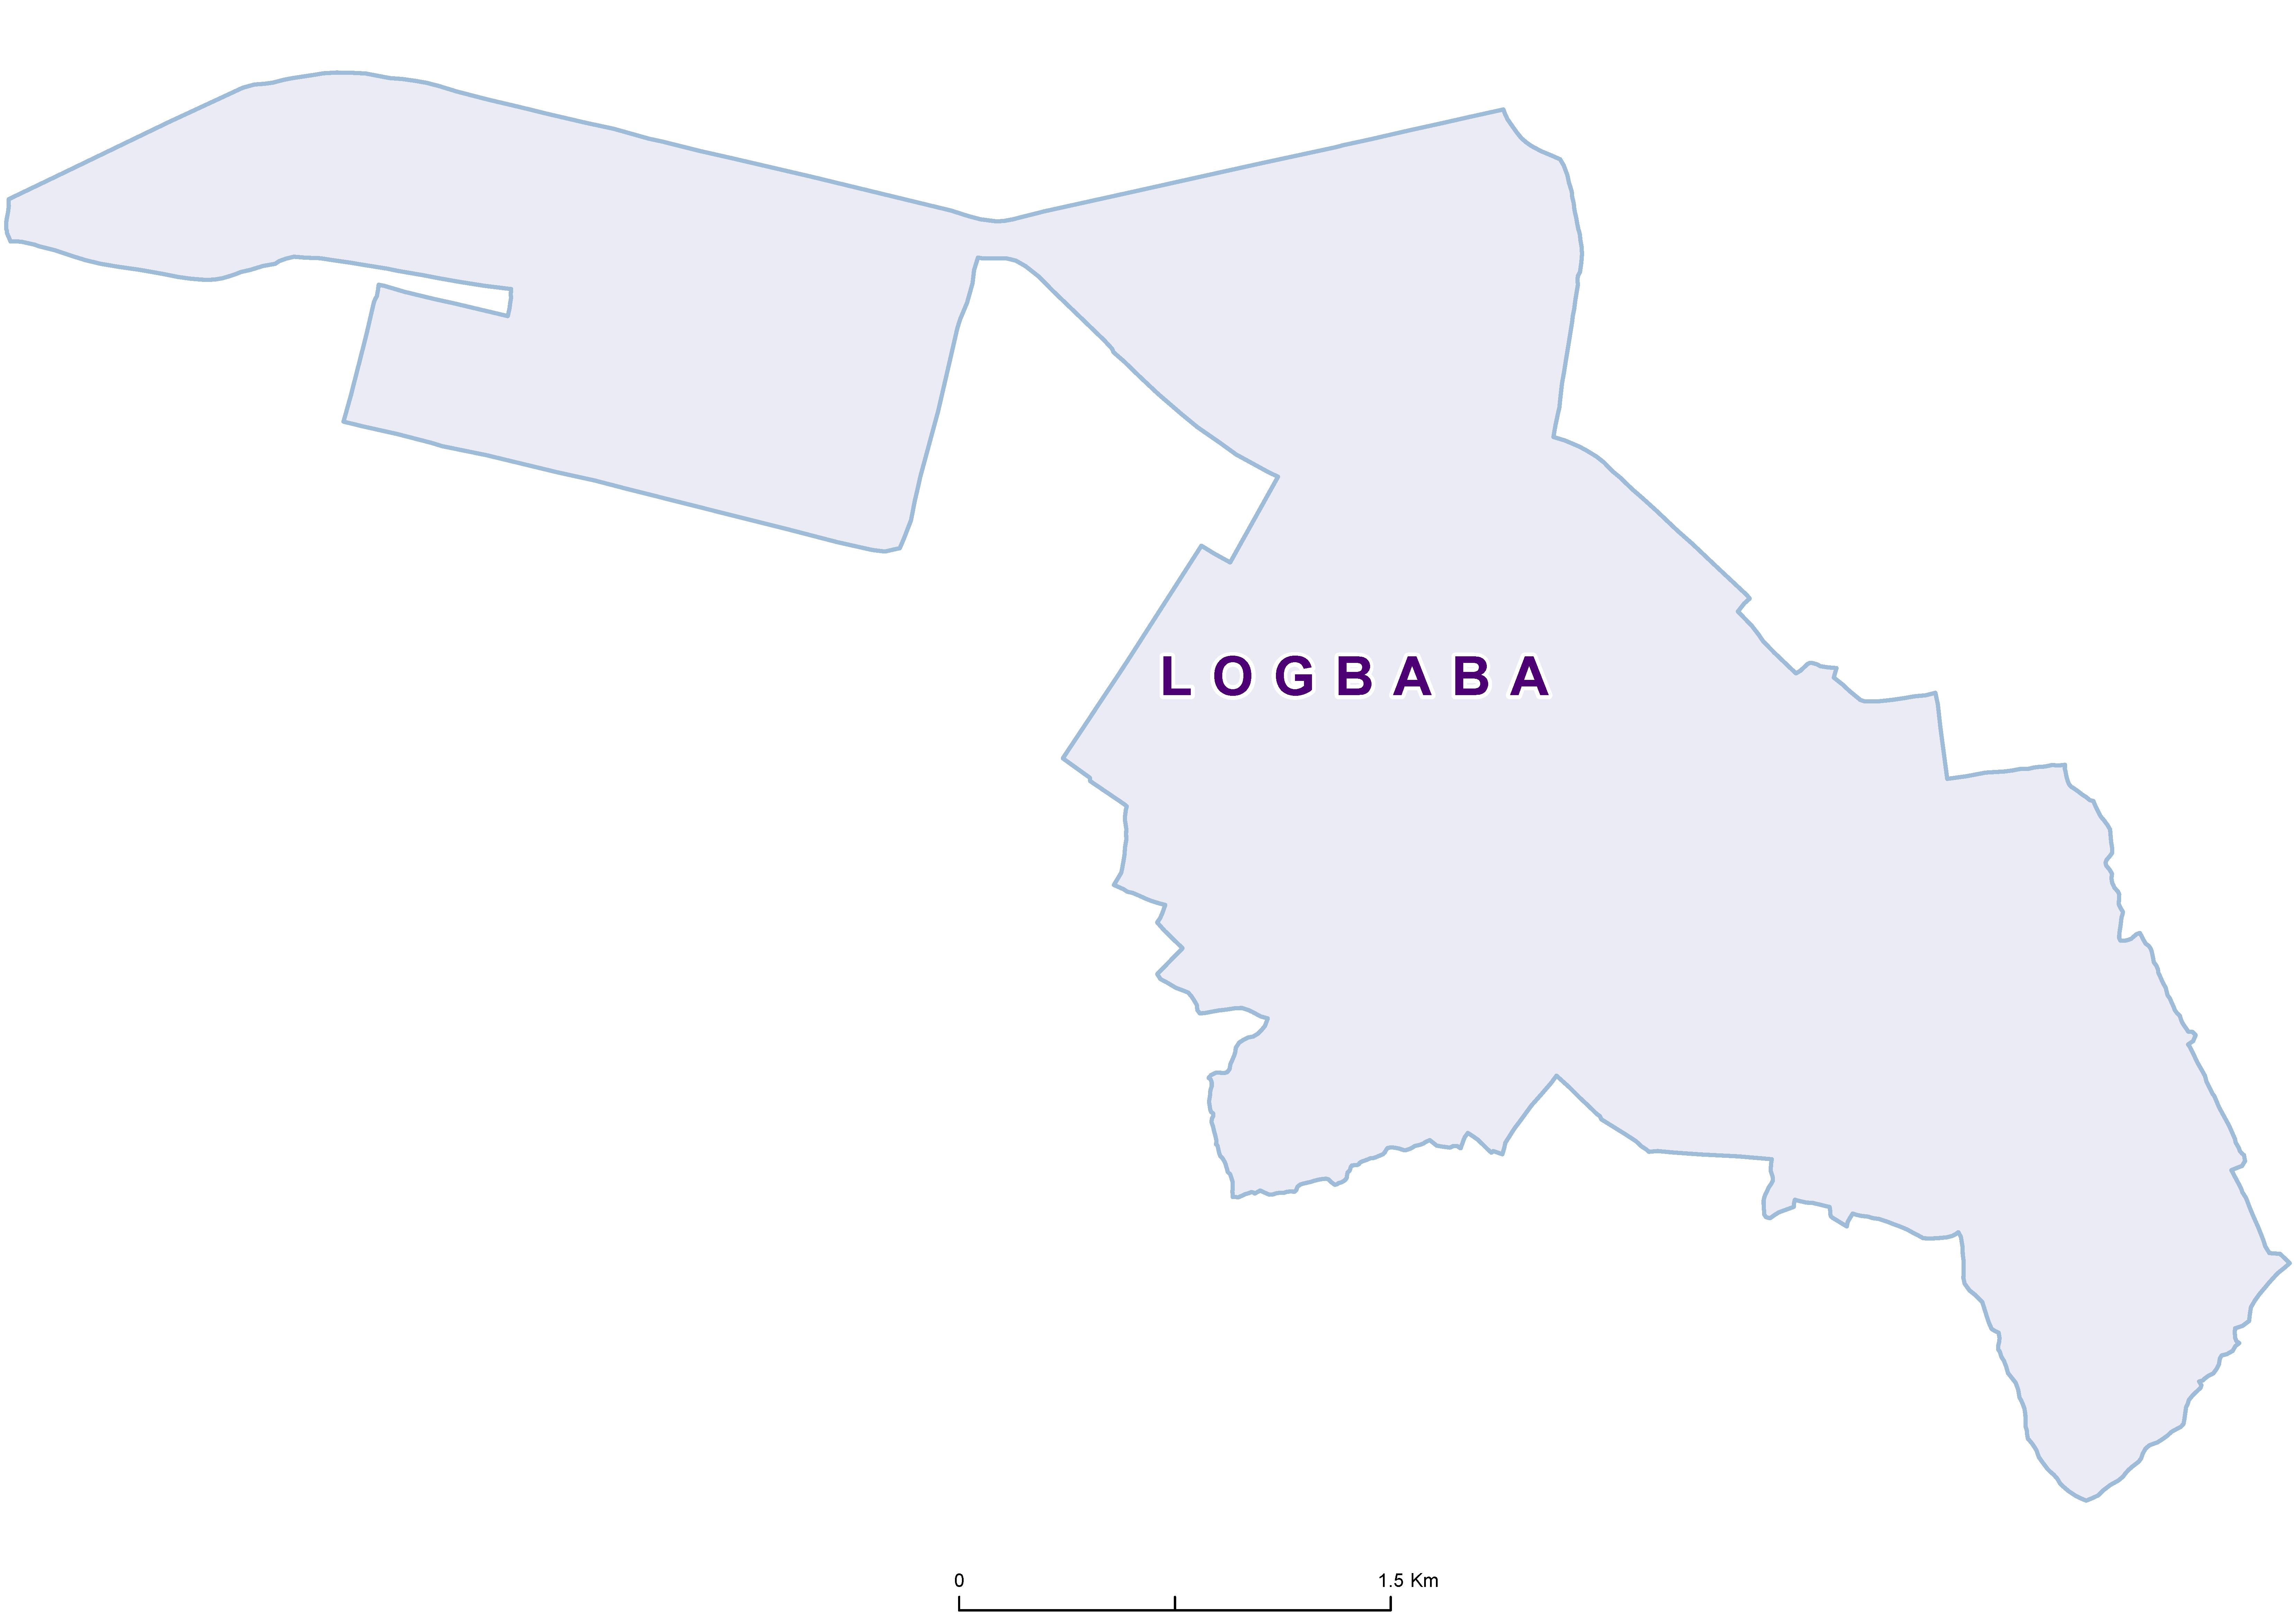 Logbaba Mean SCH 19850001